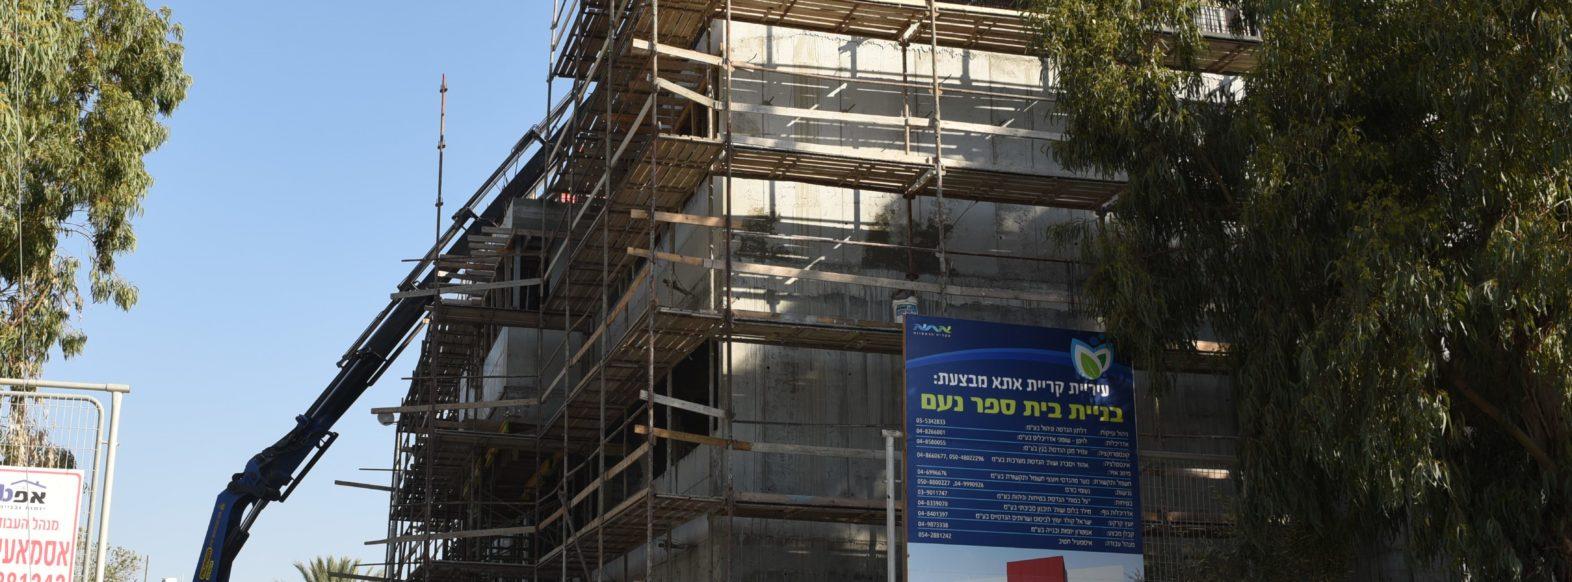 """נמשכות העבודות להקמת מבנה חדש לביה""""ס """"נועם""""  בקריית אתא"""